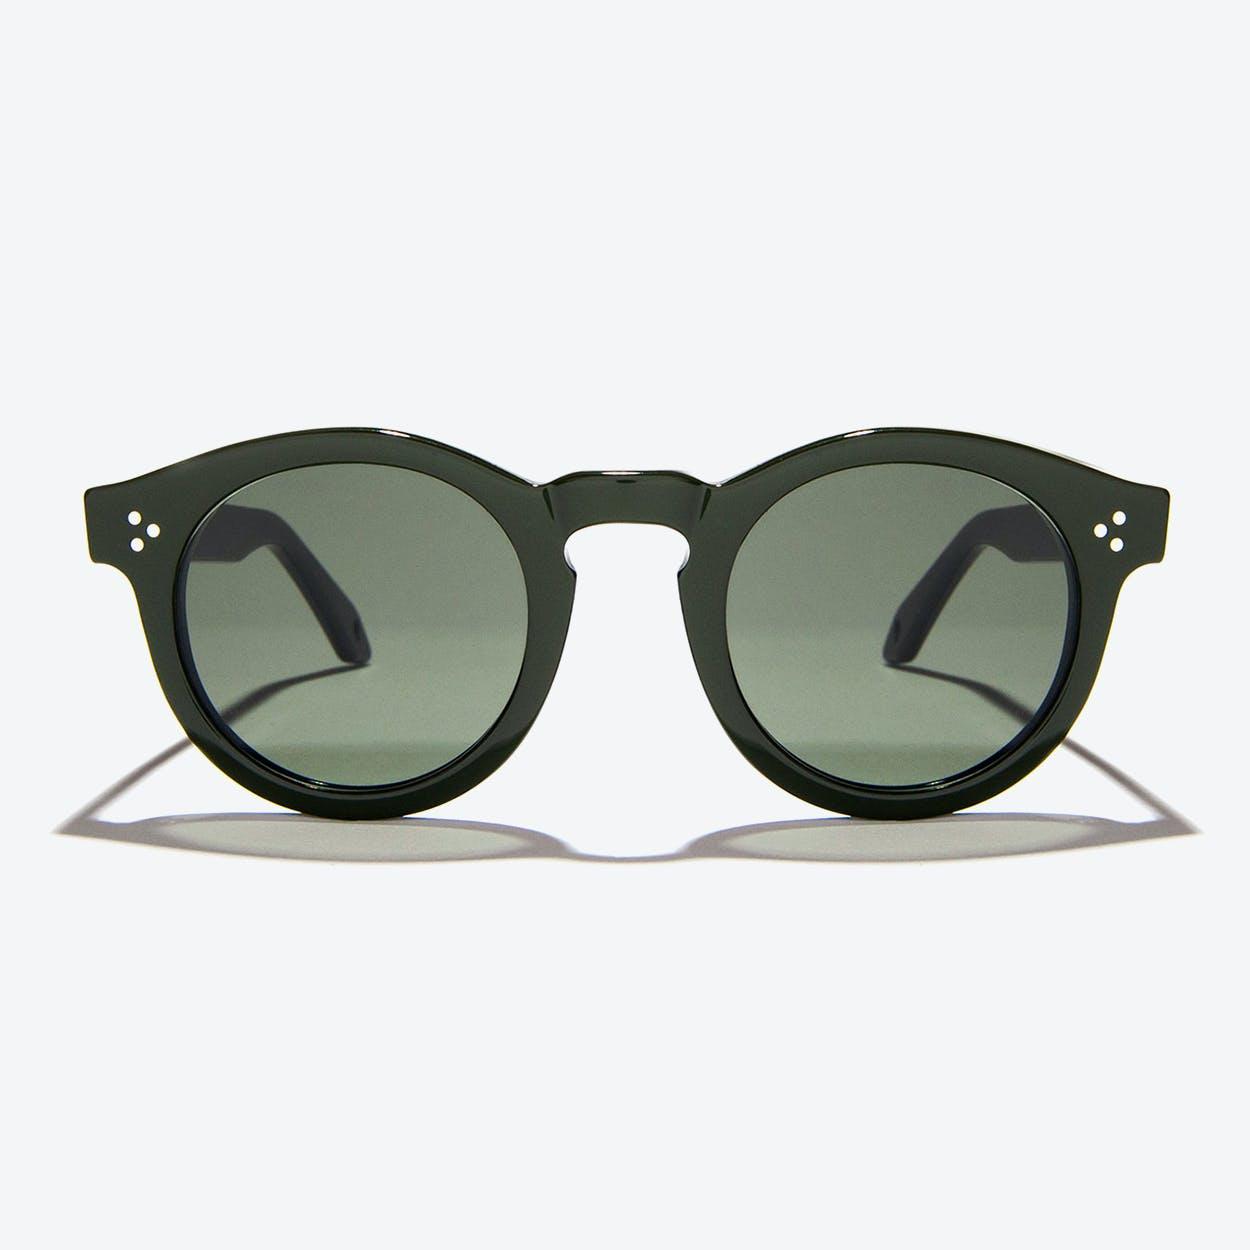 Orpheus Sunglasses in Olive